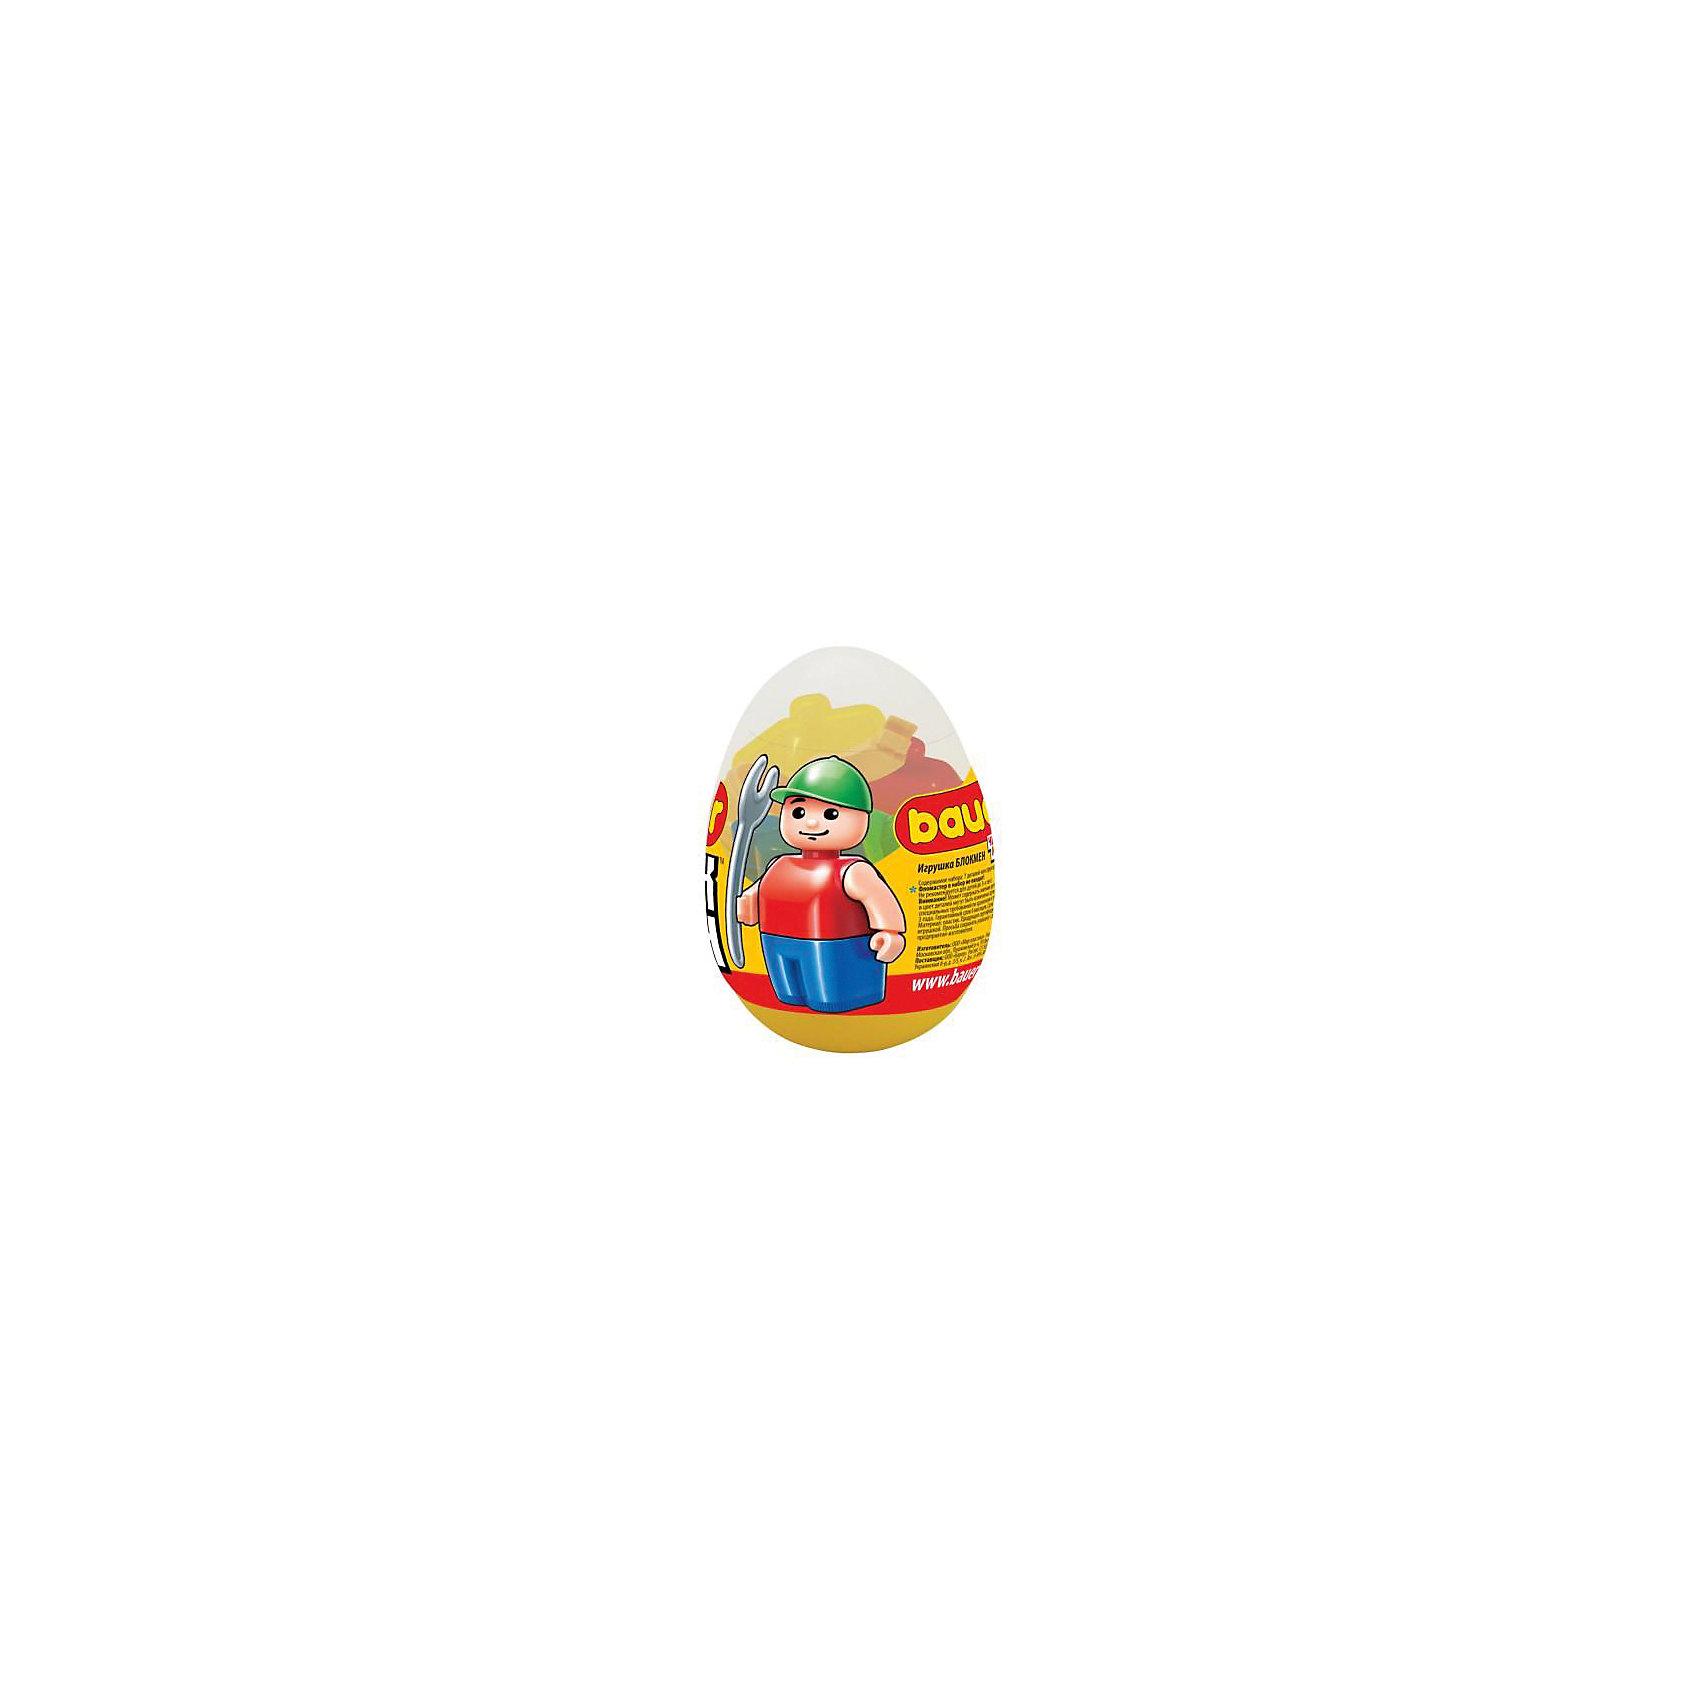 Bauer Игрушка в яйце Bauer Eggs, в ассортименте игрушка в яйце bauer eggs 8 5см page 3